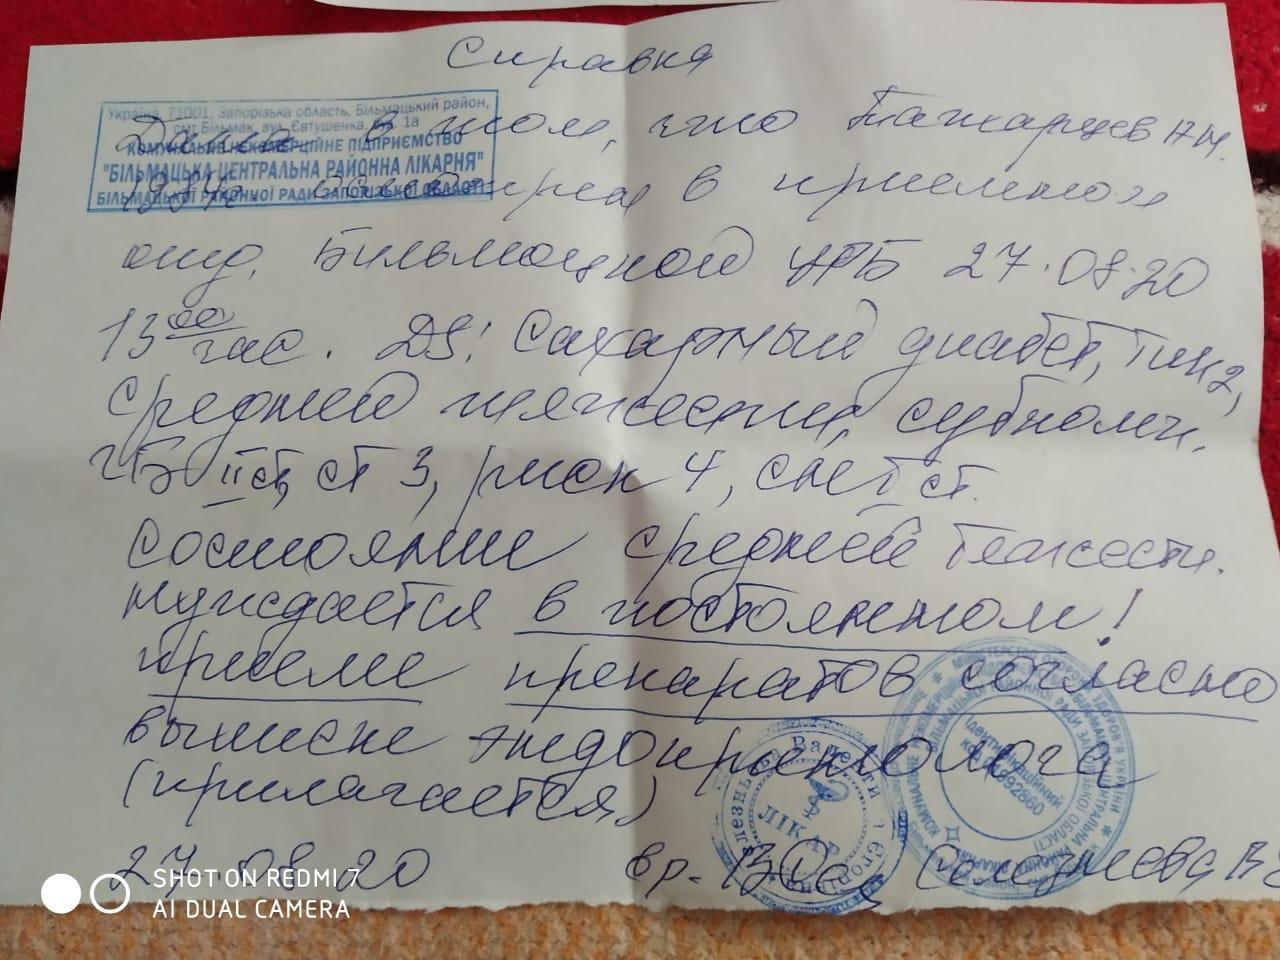 Дело политзаключенного Татаринцева. Суд перехитрил сам себя